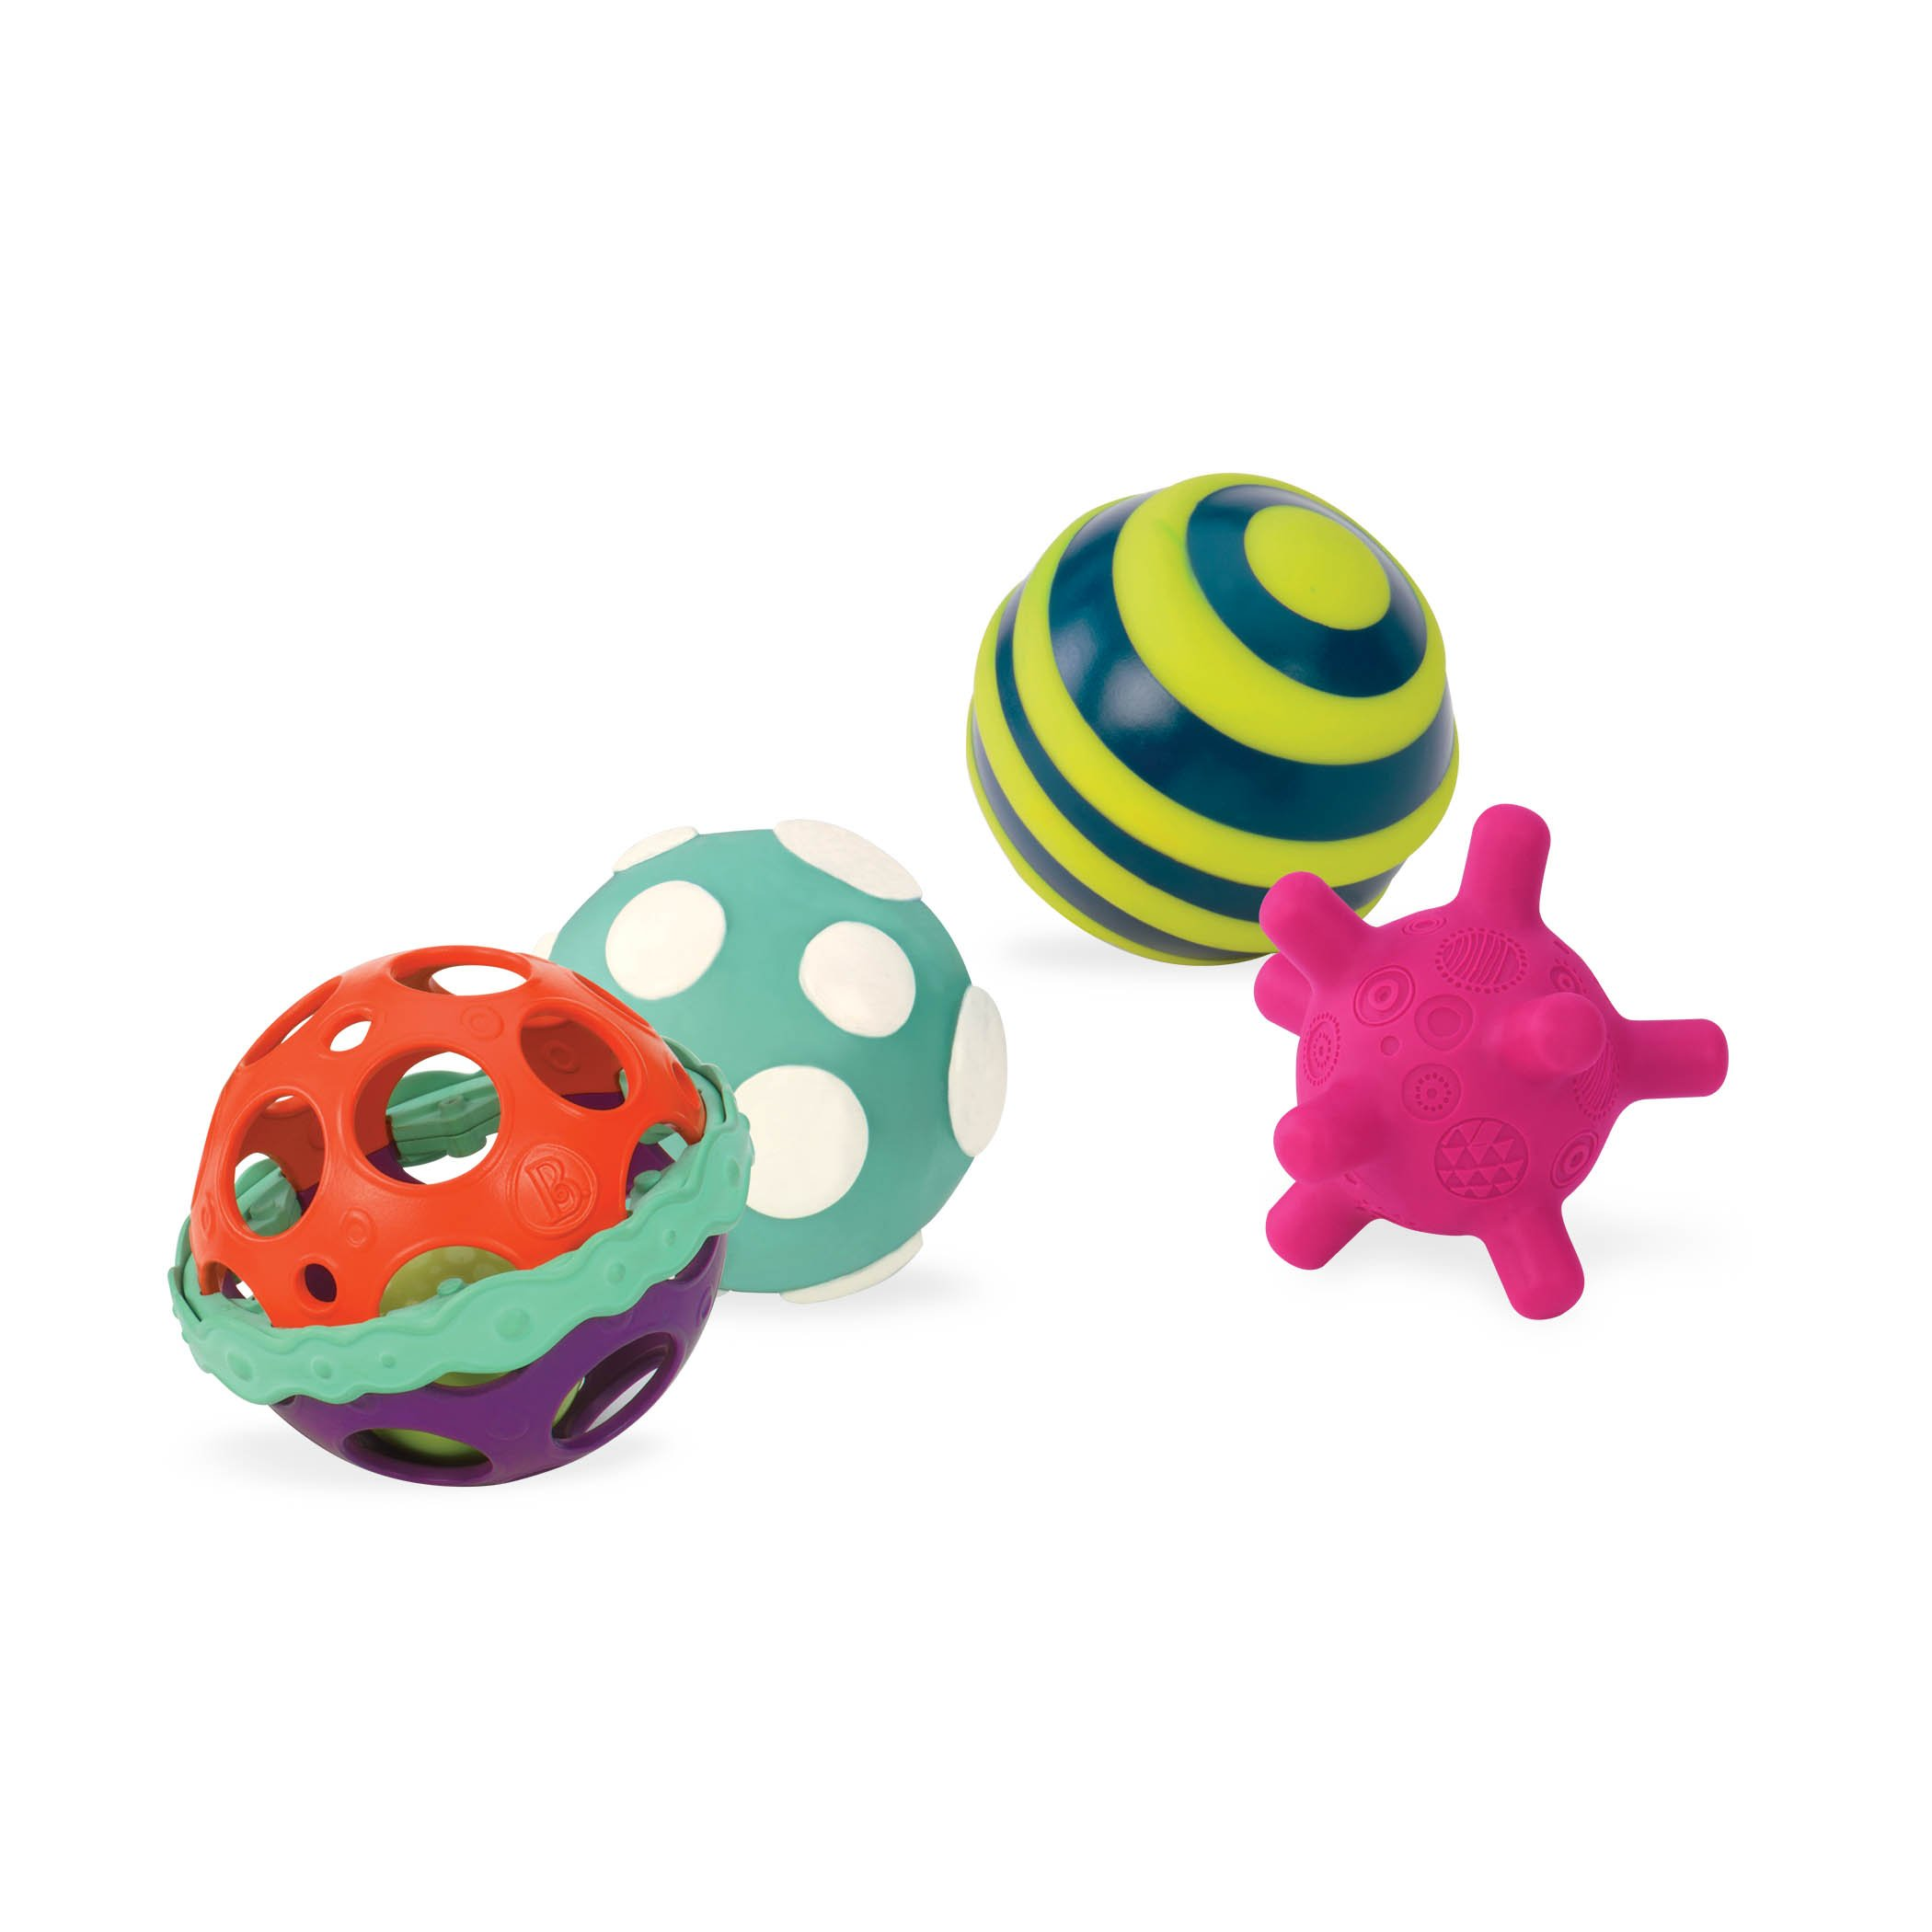 B.Toys Ball-a-balloos 功能球套装